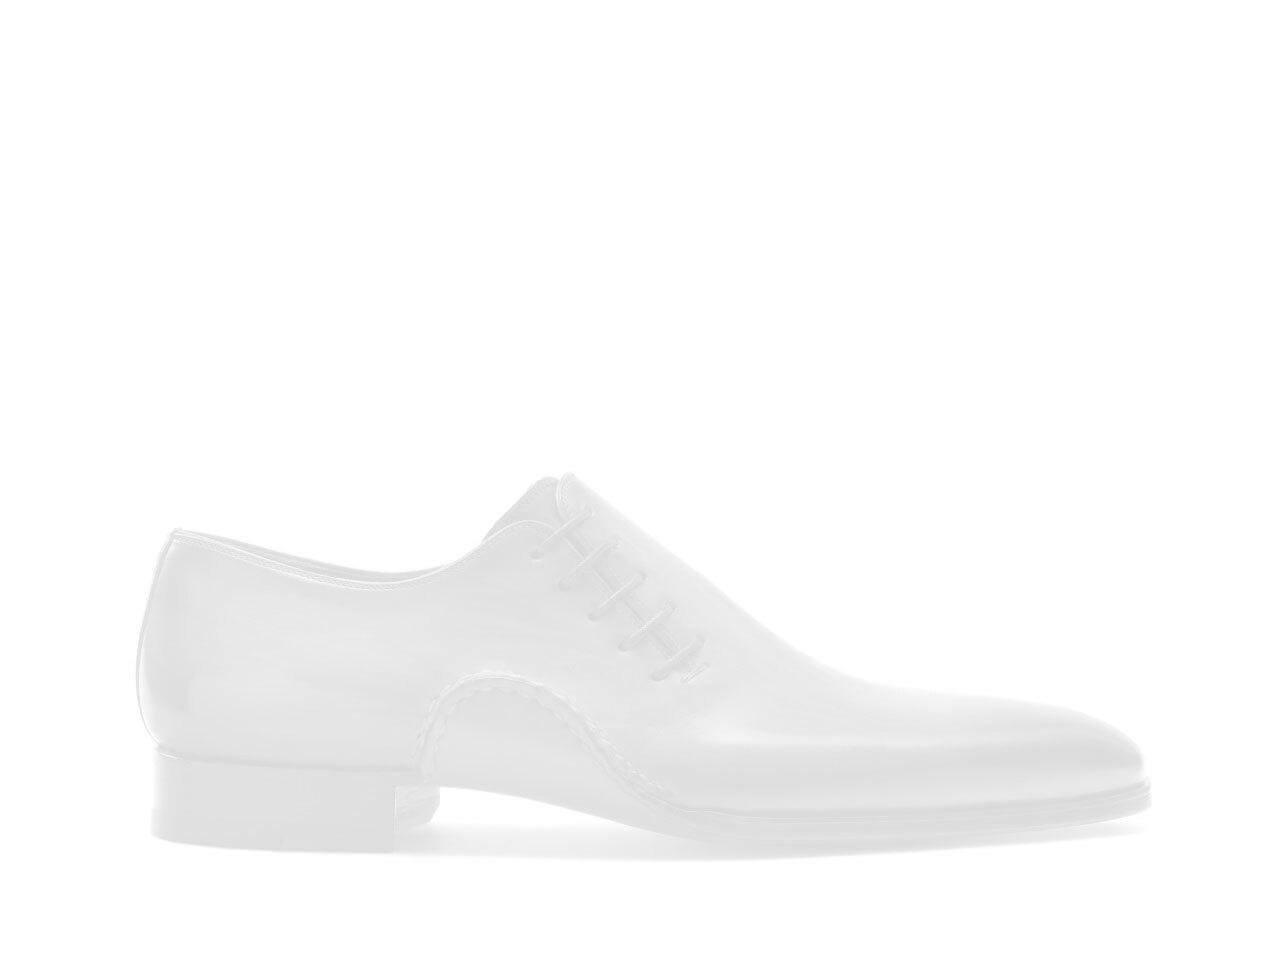 Side view of the Magnanni Derek Ocean Men's Double Monk Strap Shoes